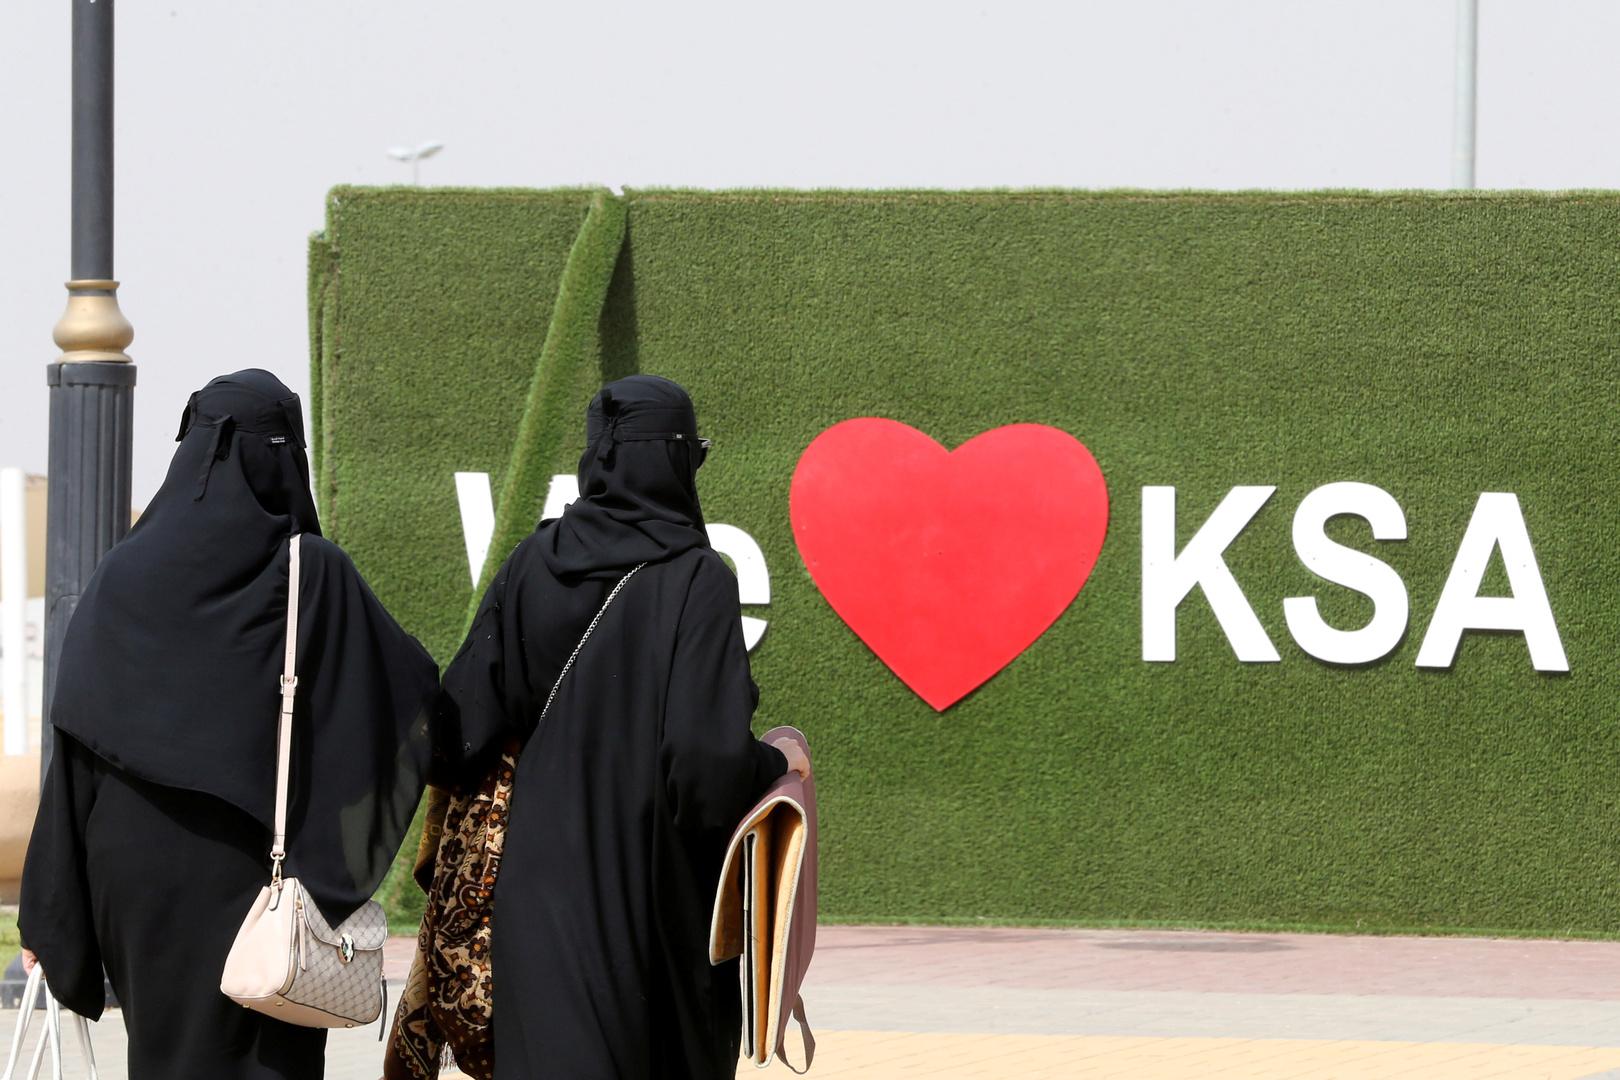 سعودية تدخل موسوعة غينيس للأرقام القياسية (صور)